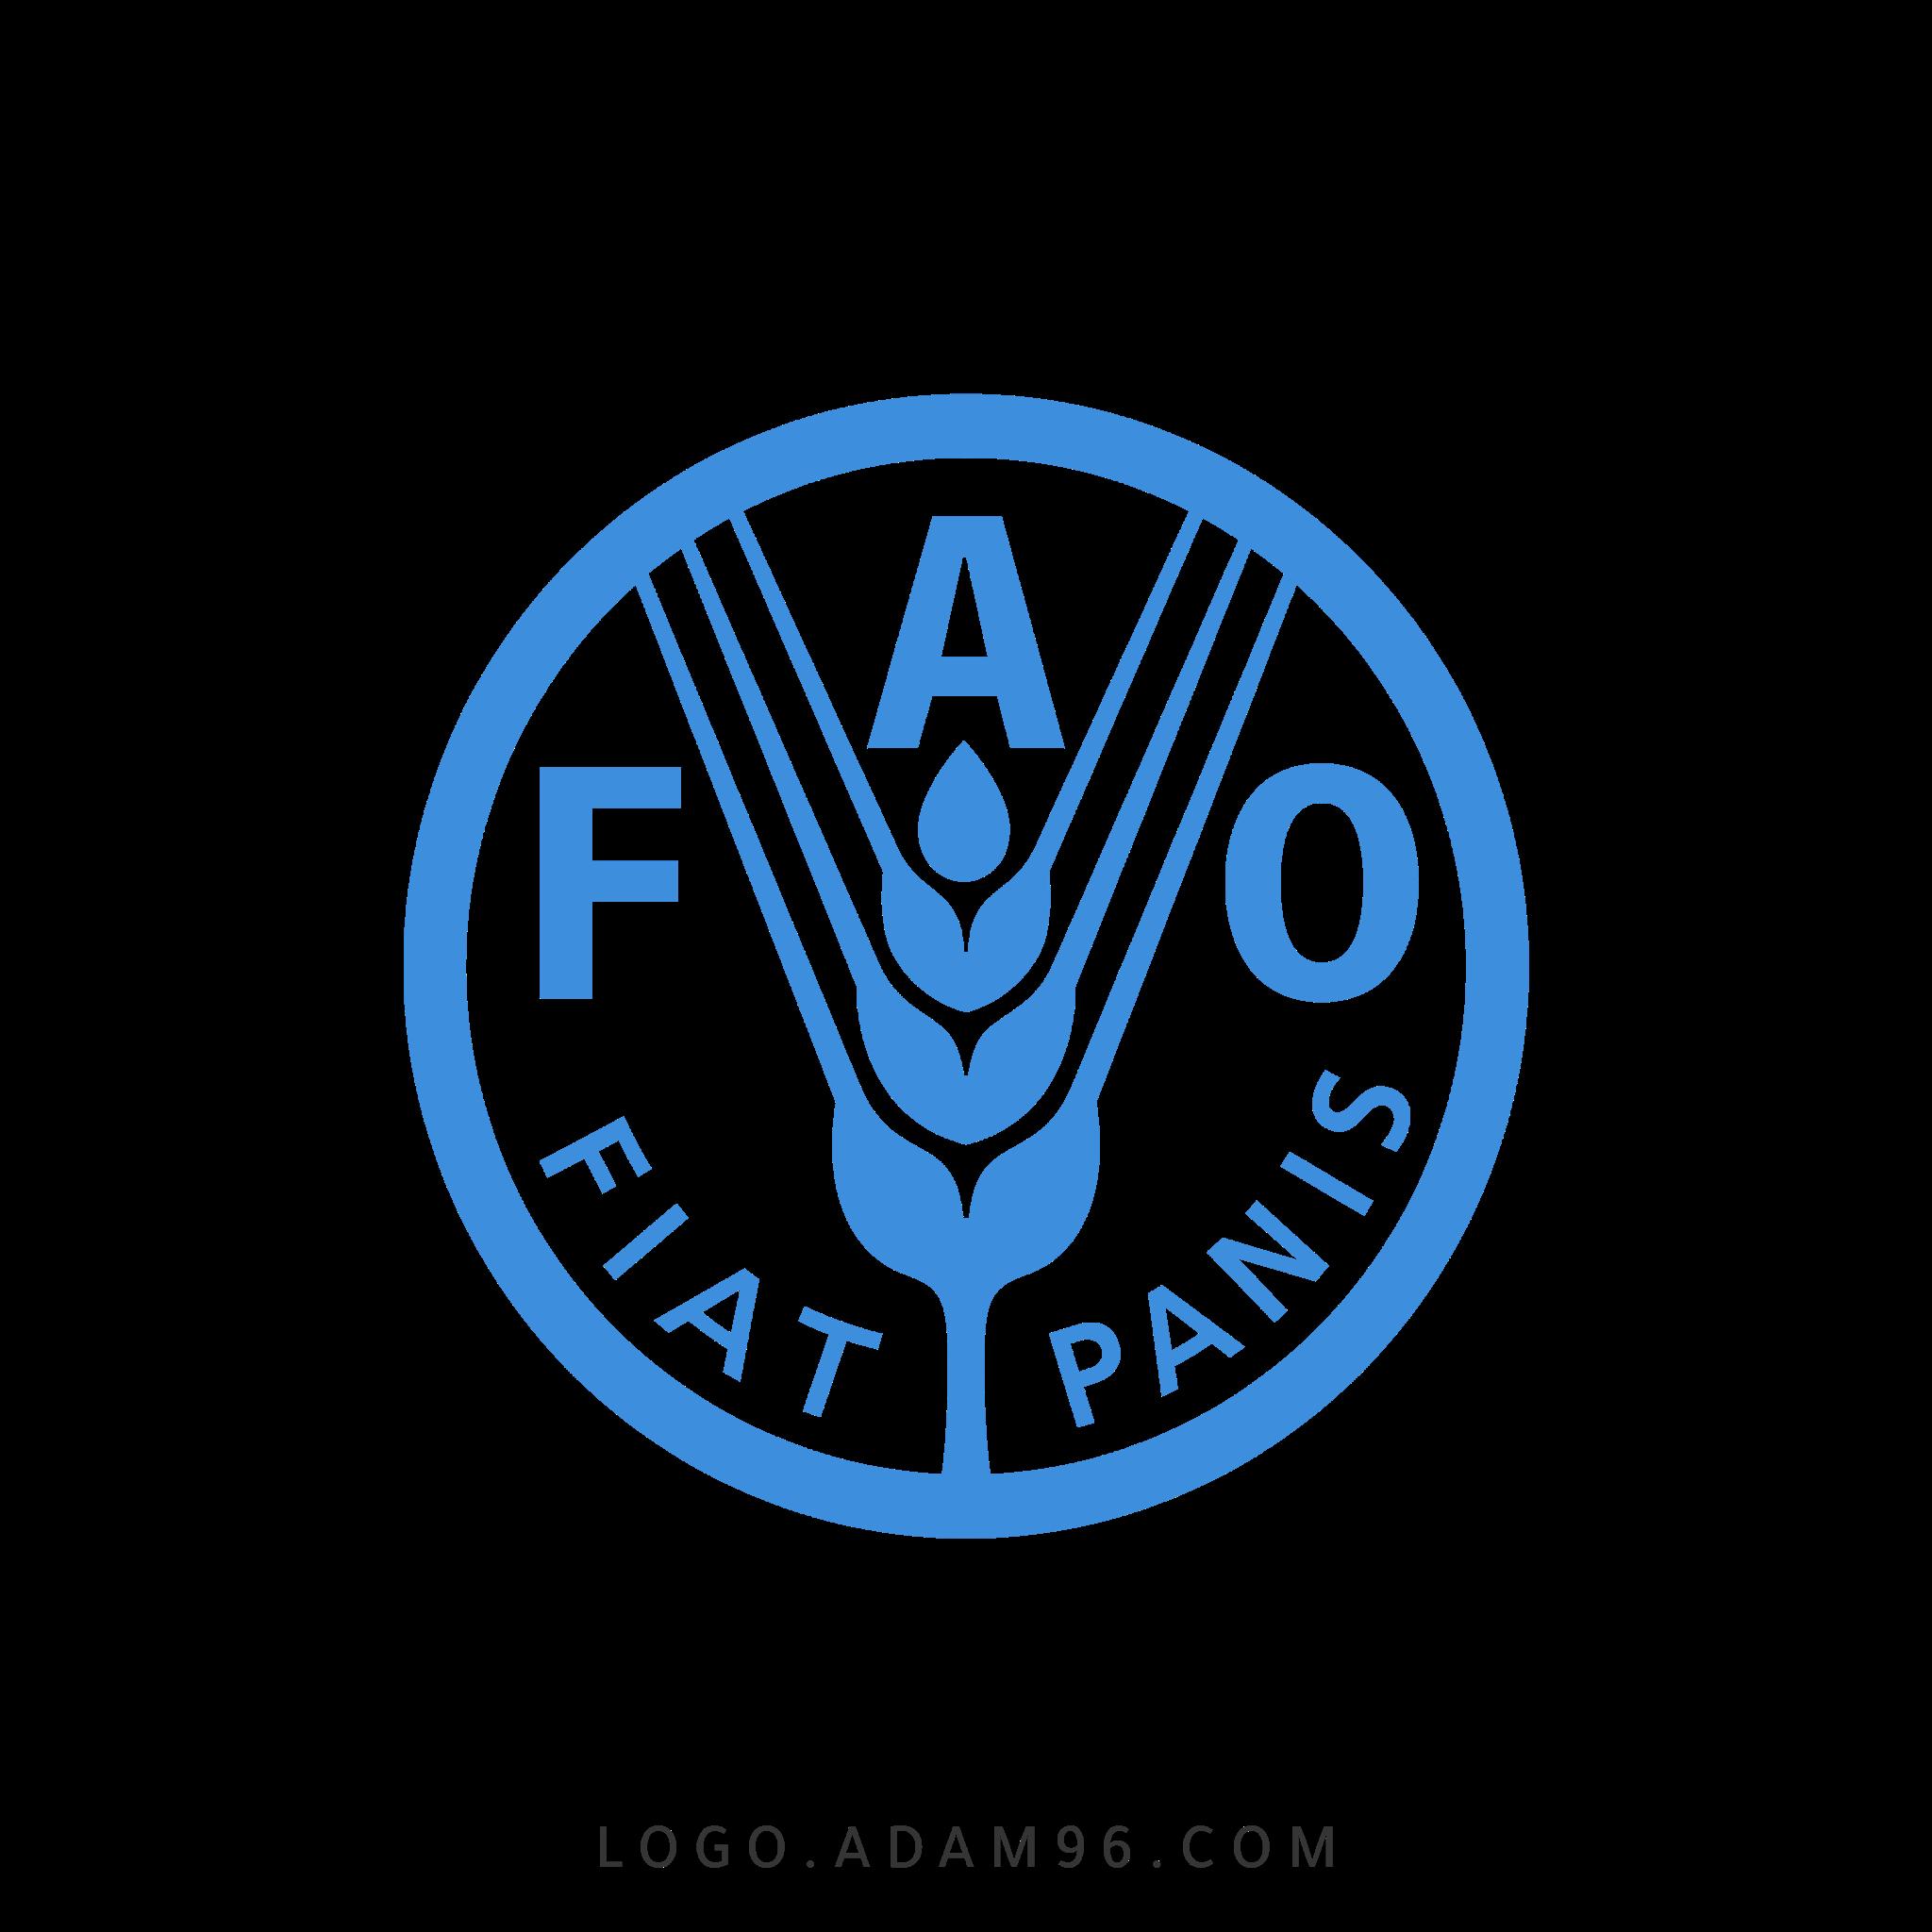 تحميل شعار منظمة الأغذية والزراعة لوجو رسمي عالي الجودة LOGO FAO PNG